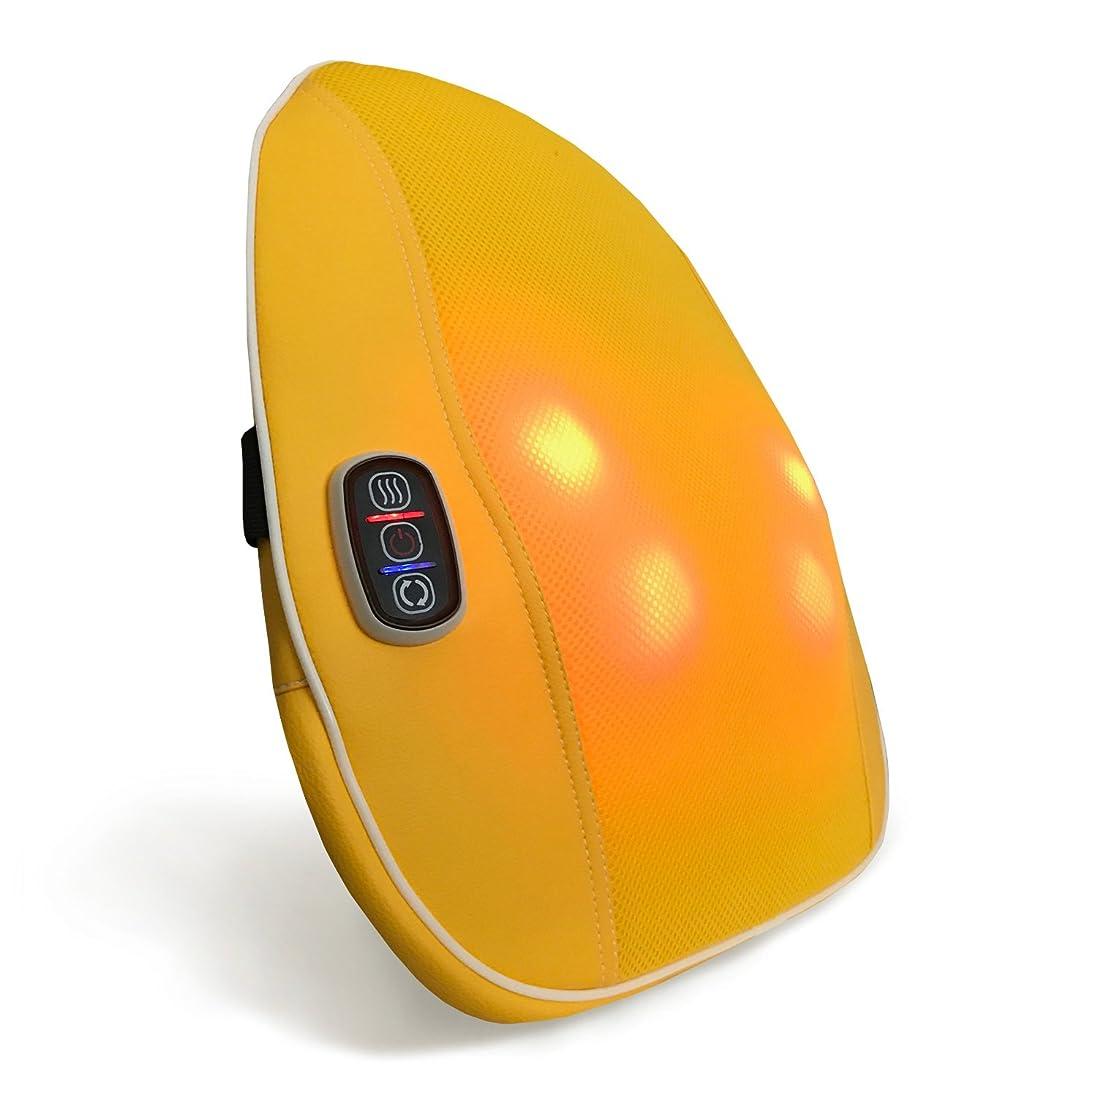 ドキドキ神のミッションクロシオ スマートマッサージャー パプリカ イエロー 幅40cm 厚み9cm もみ玉式マッサージ器 薄型 簡単操作 マッサージクッション